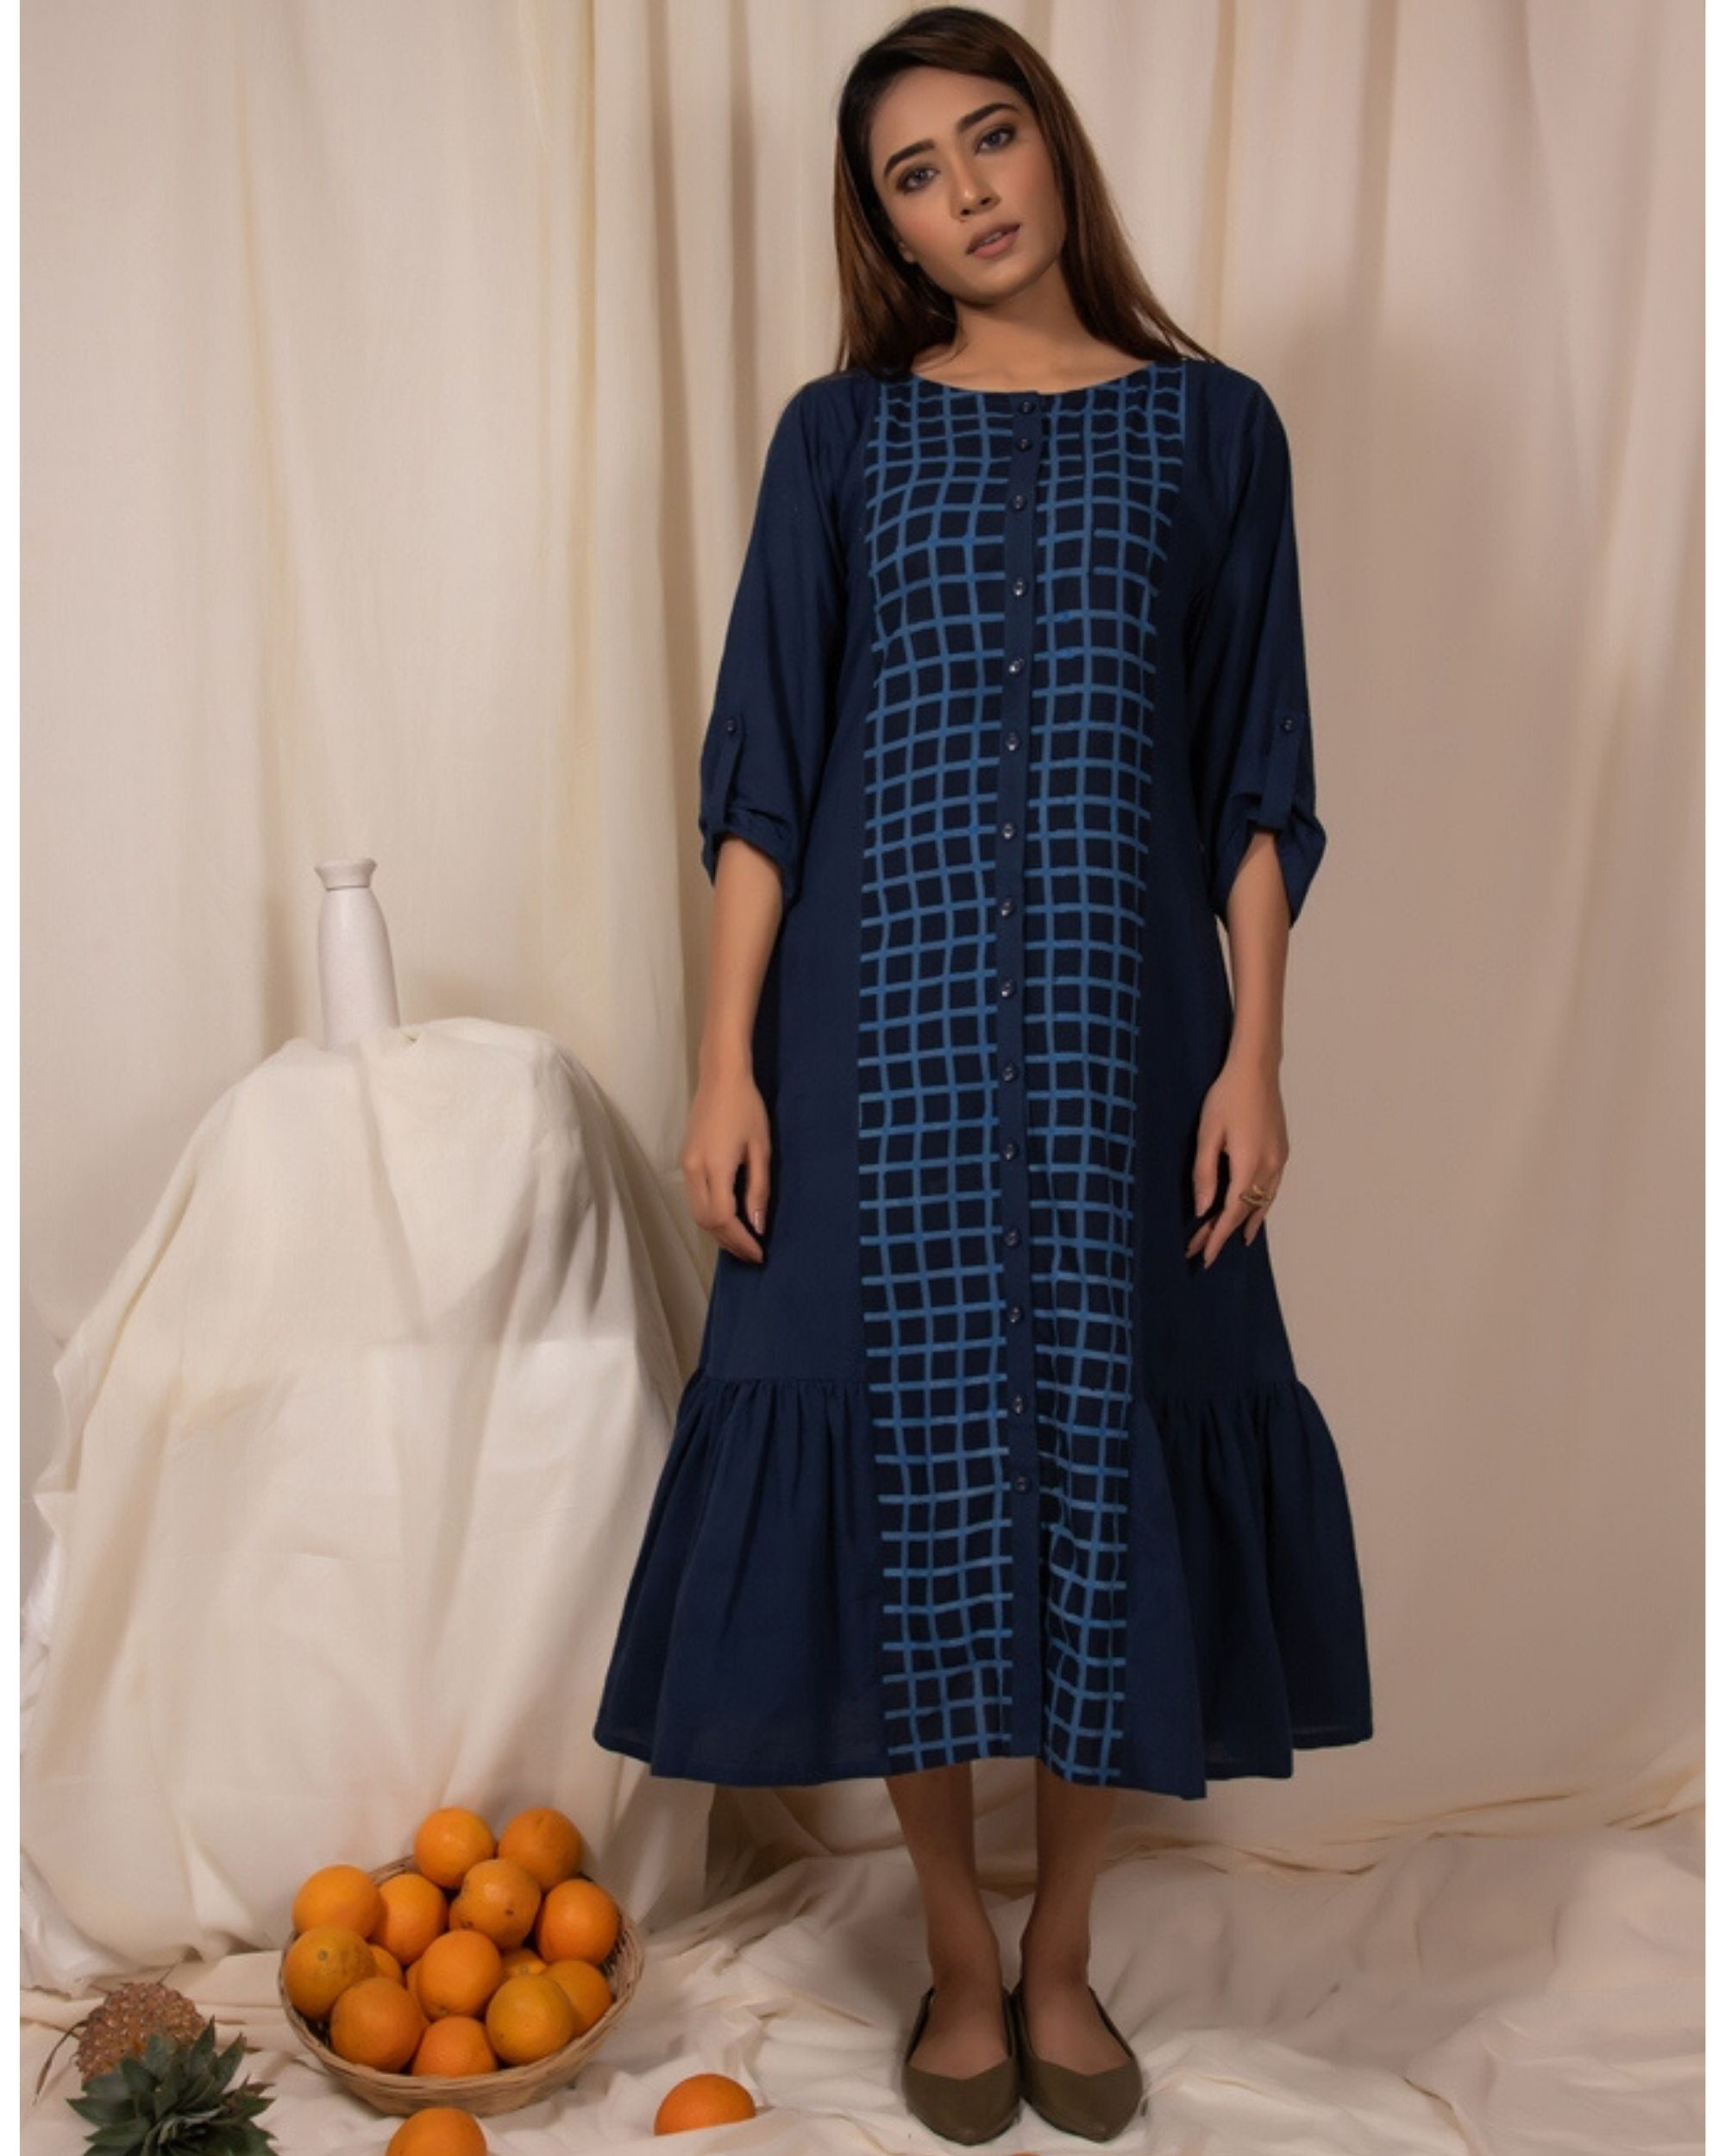 Indigo paneled ruffle dress